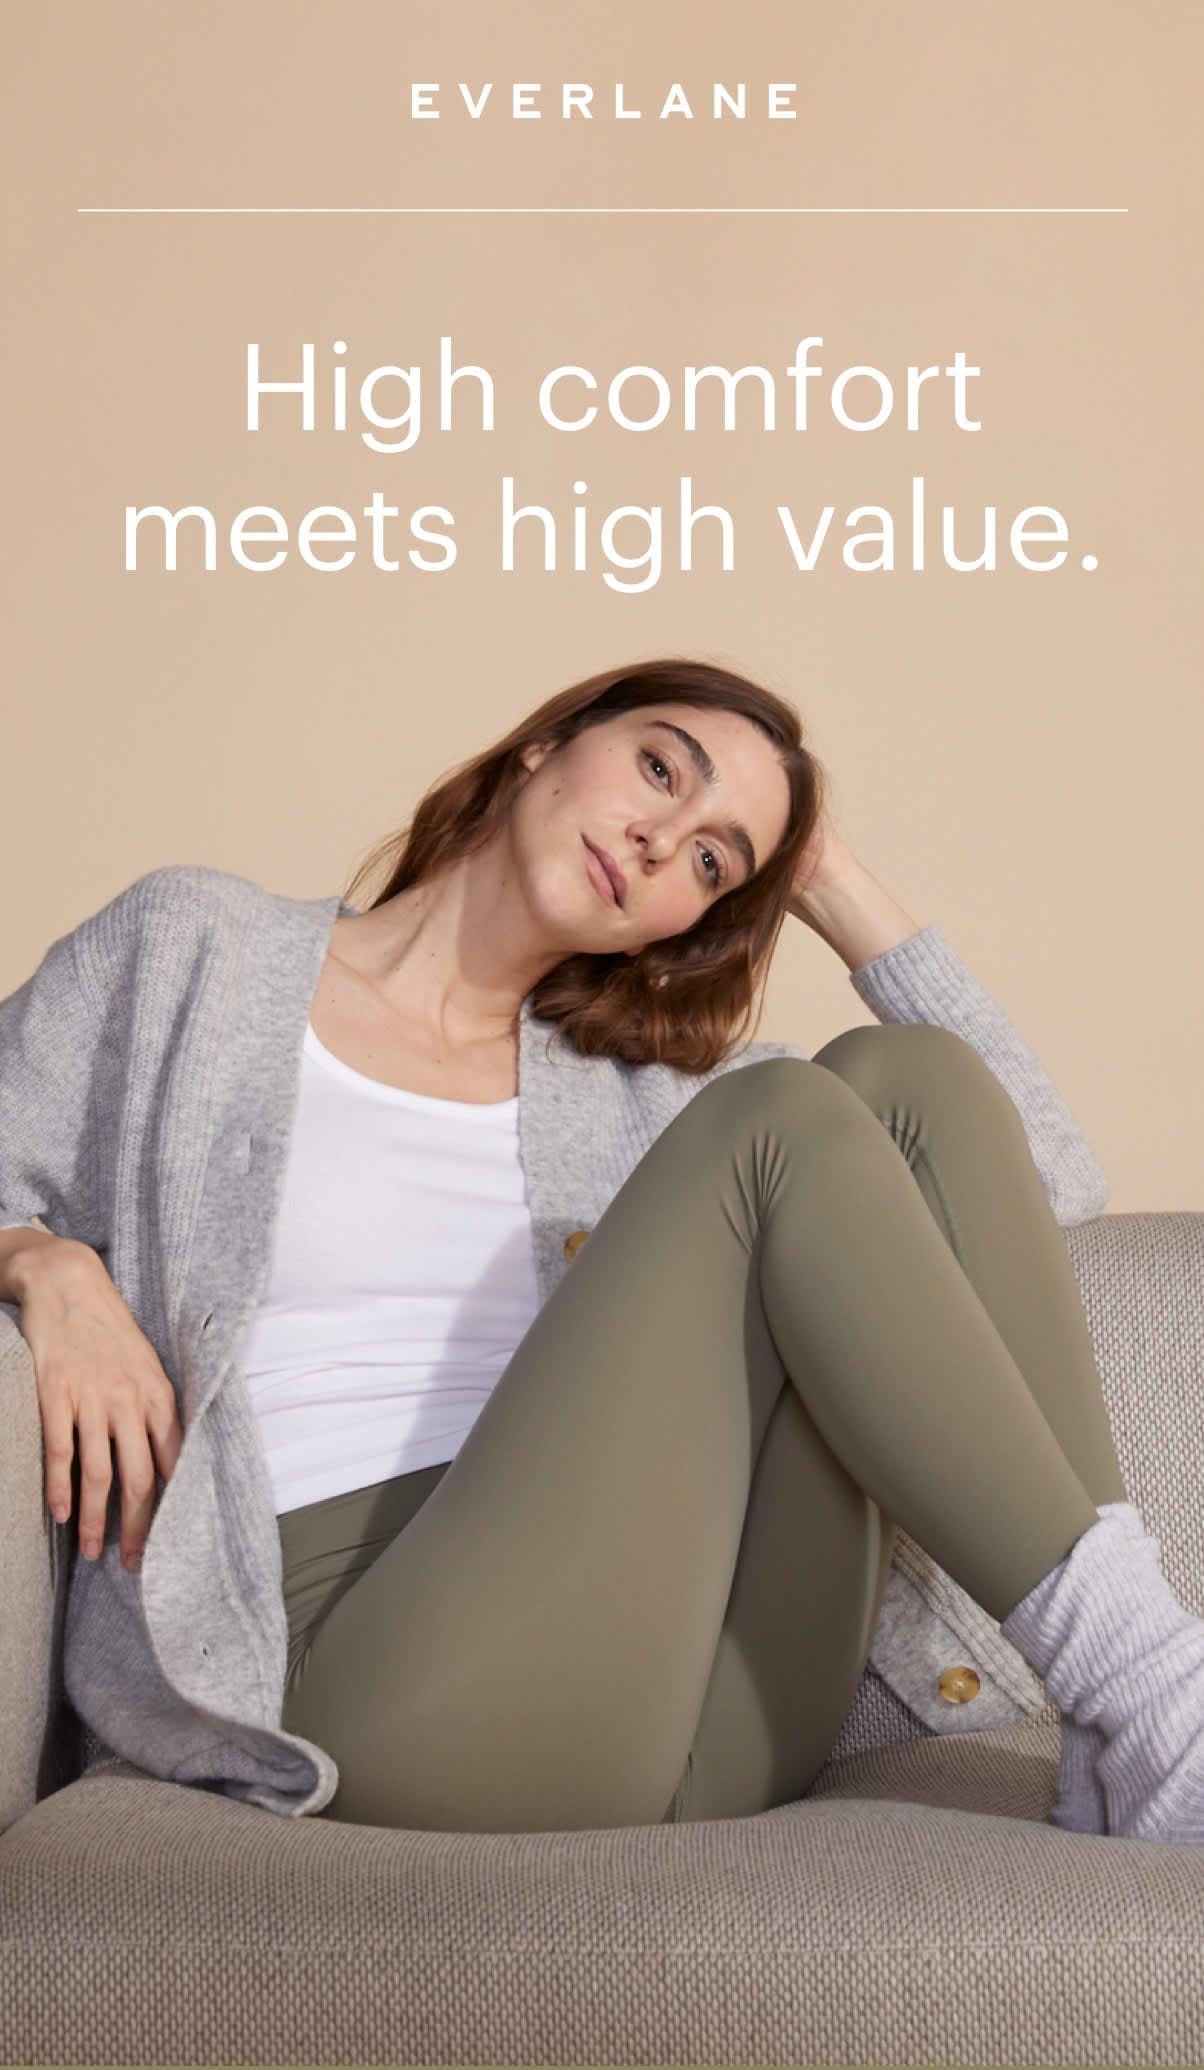 Everlane Sales // The Legging Bundle: 2 for $90